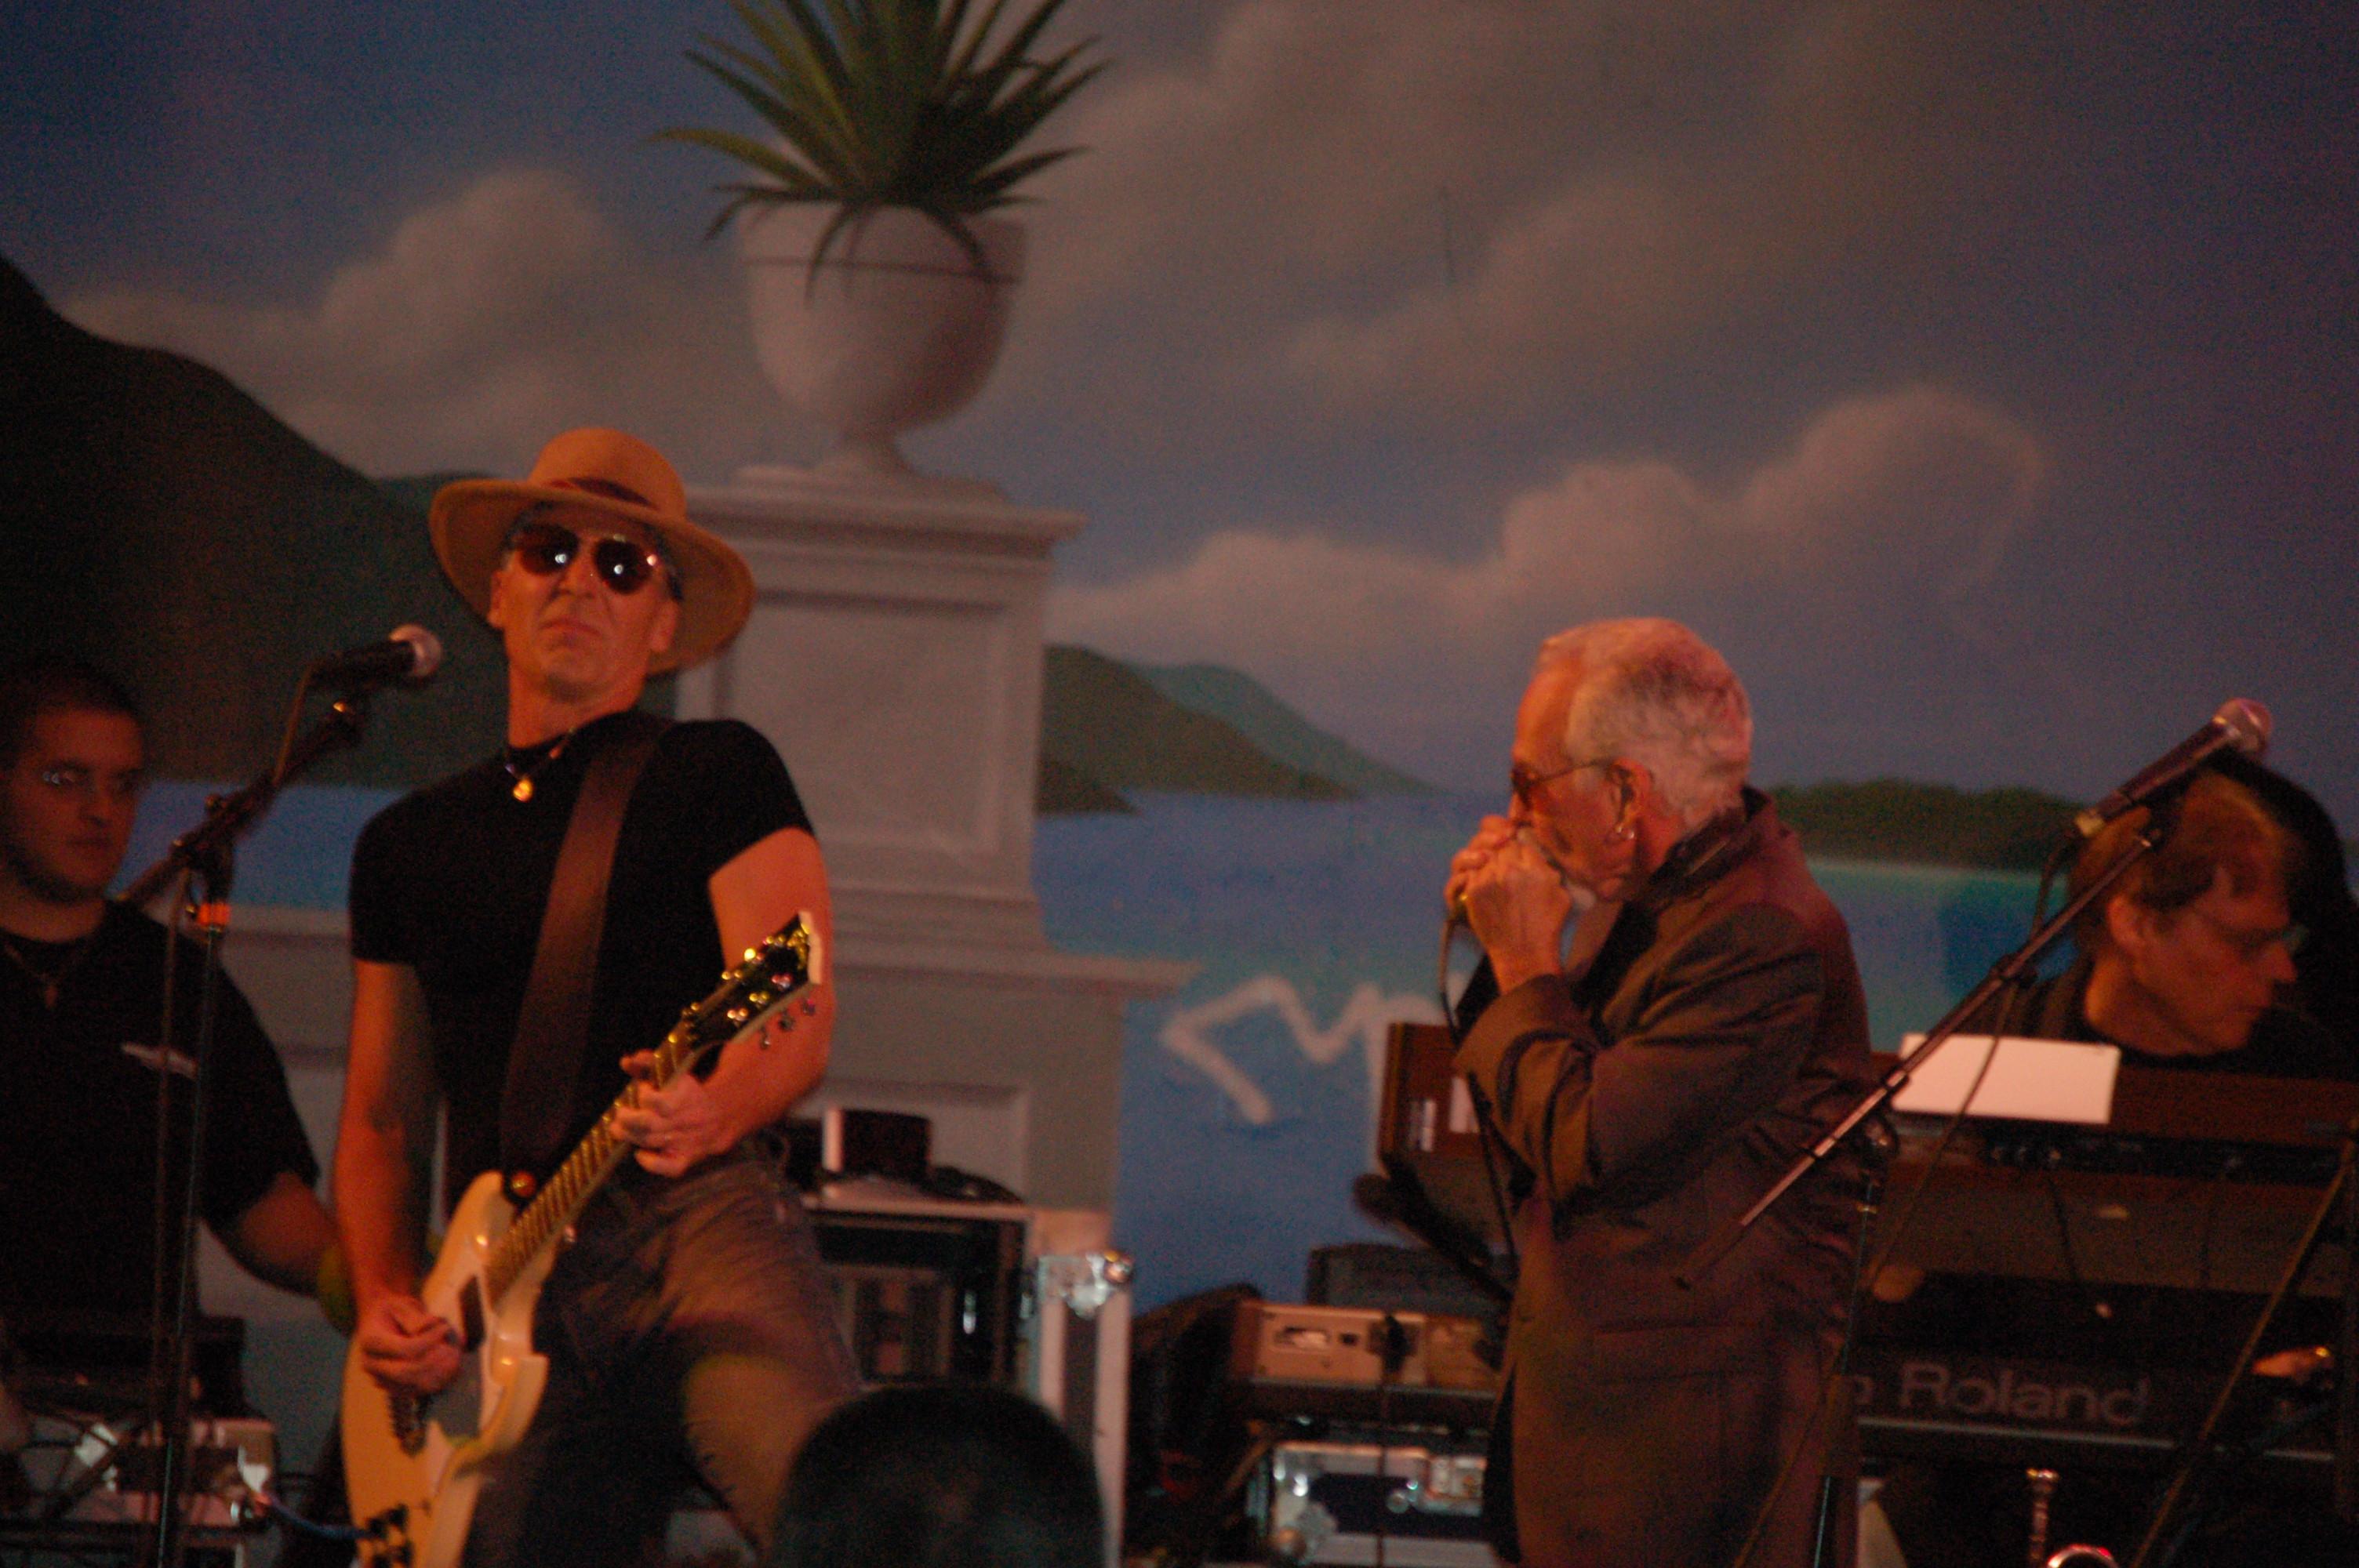 David & Bobby Performing